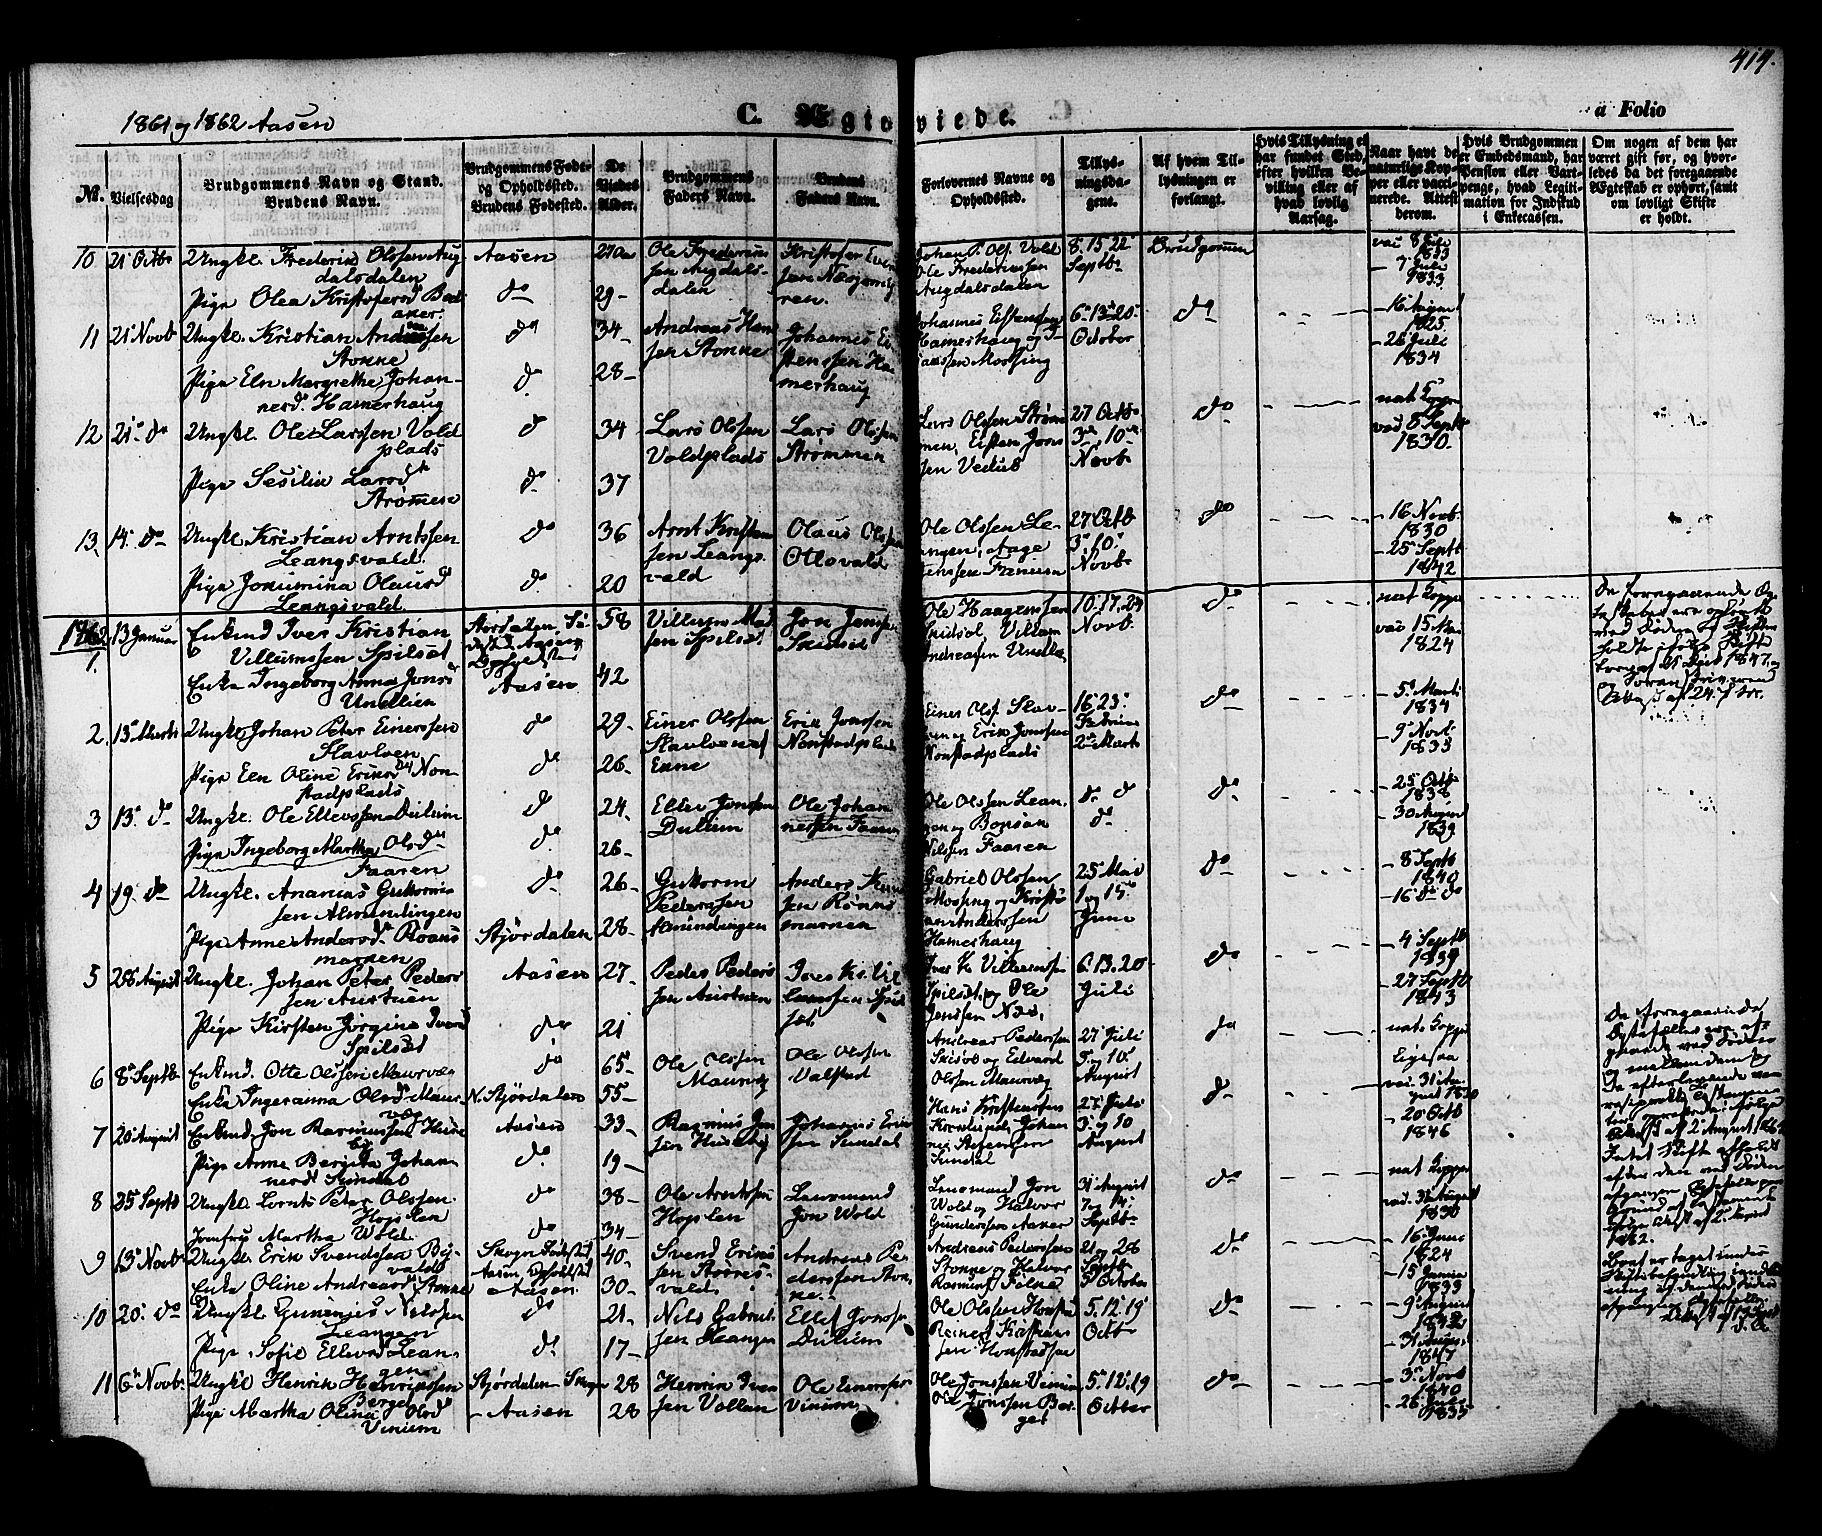 SAT, Ministerialprotokoller, klokkerbøker og fødselsregistre - Nord-Trøndelag, 713/L0116: Ministerialbok nr. 713A07, 1850-1877, s. 414